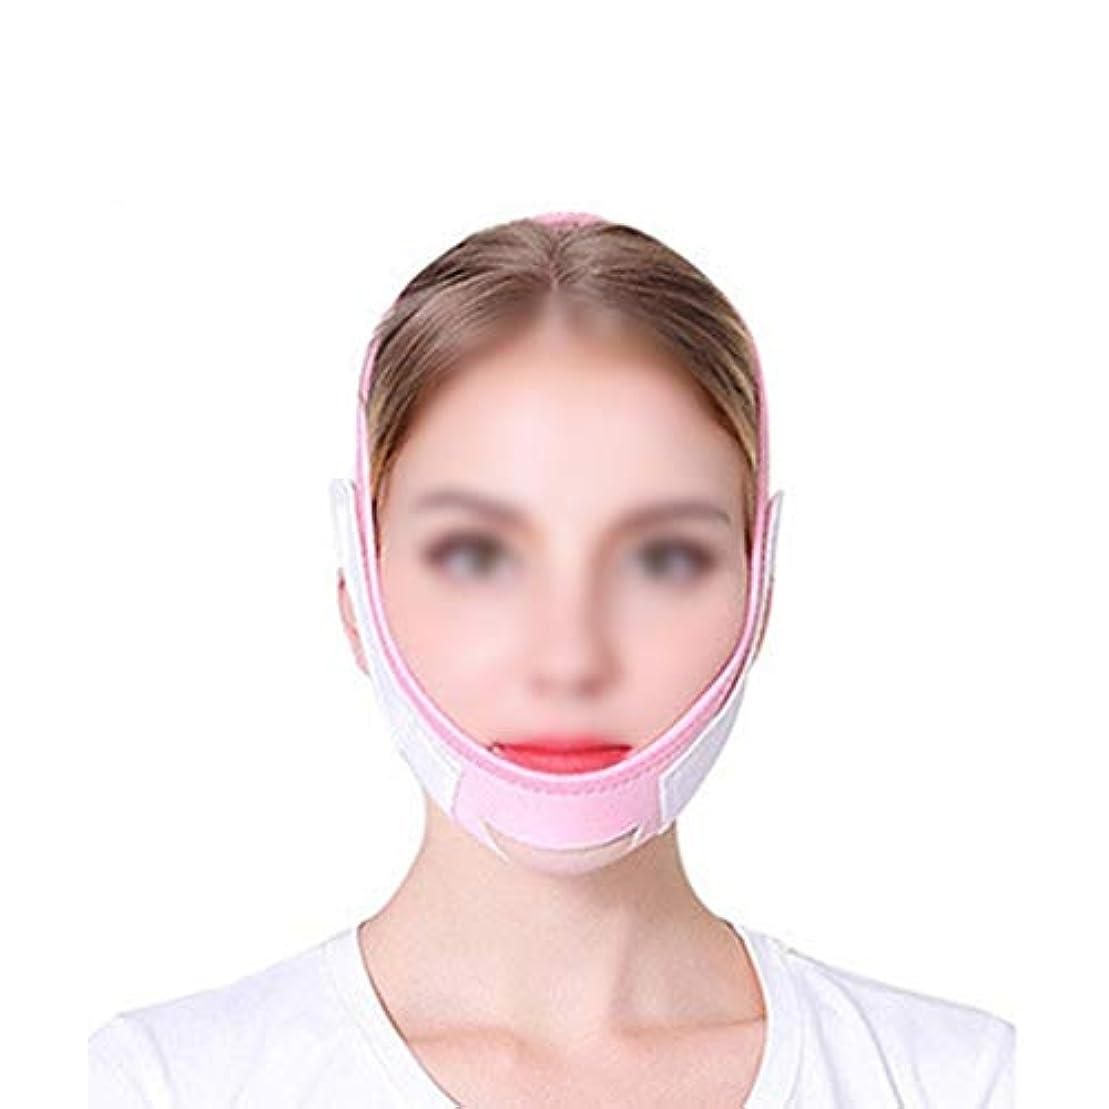 貸し手構想する賞賛XHLMRMJ しわ防止フェイシャル減量ベルト、フェイスリフティング包帯、フェイスリフティングマスク、リフティングフェイスバンド、スキンバンデージ(フリーサイズ) (Color : Powder white)